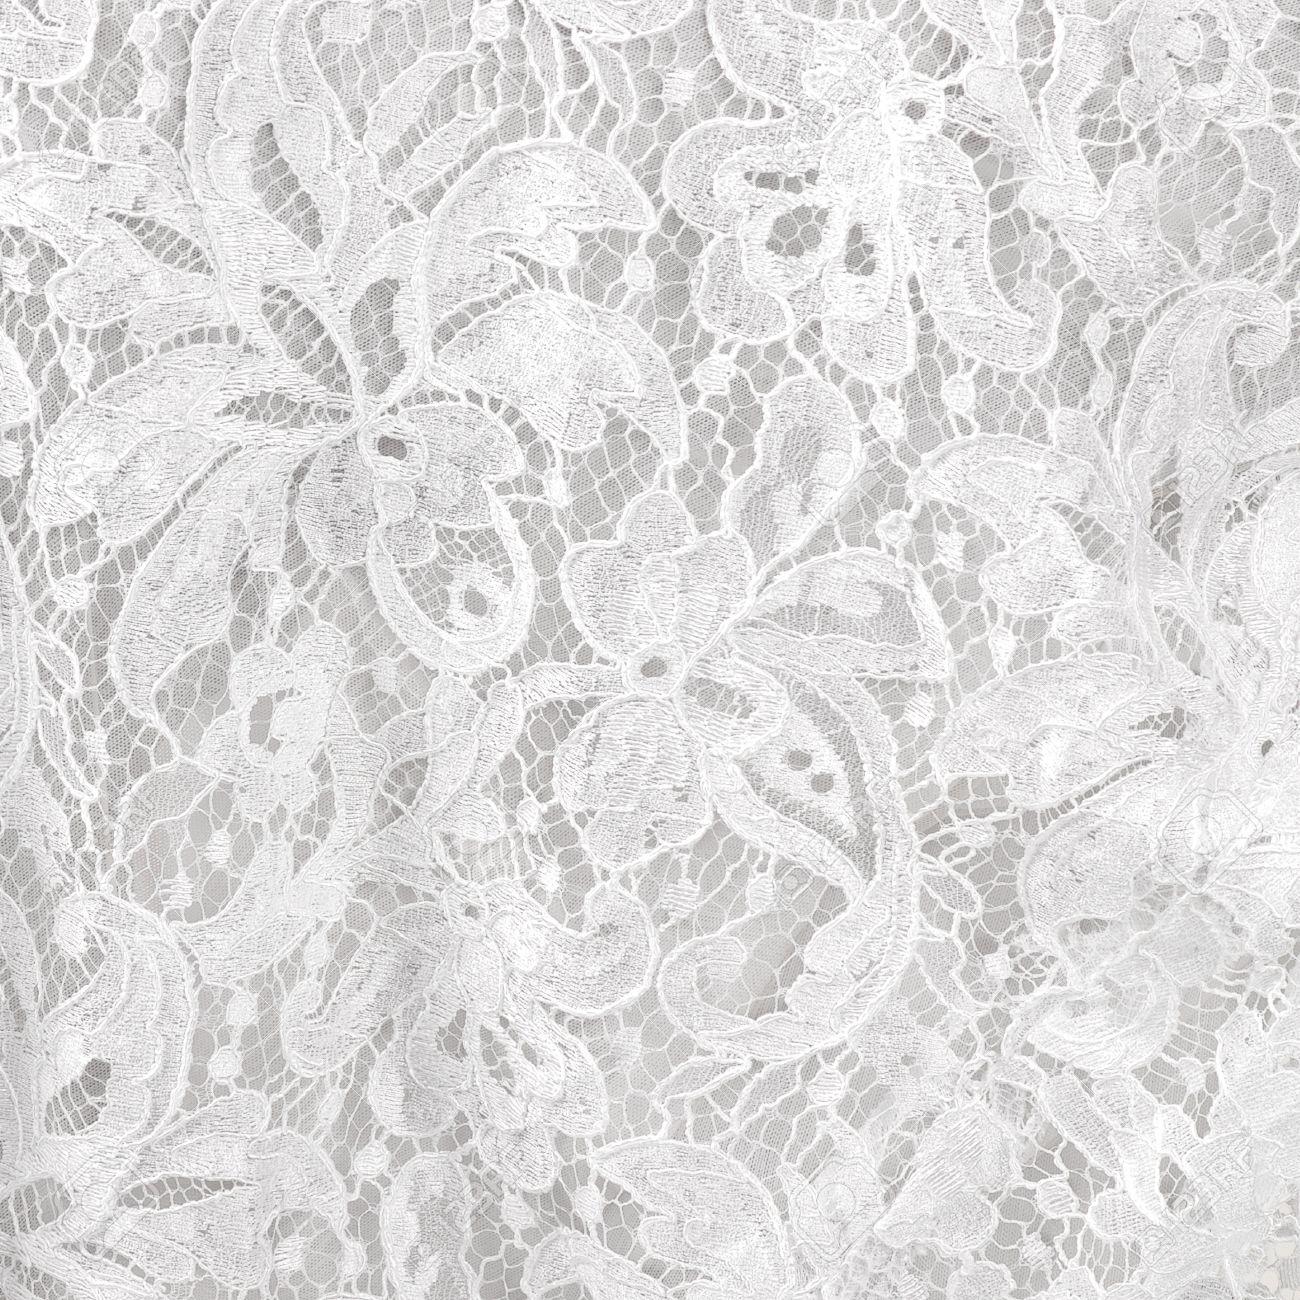 Wedding white lace background Stock Photo - 12990211